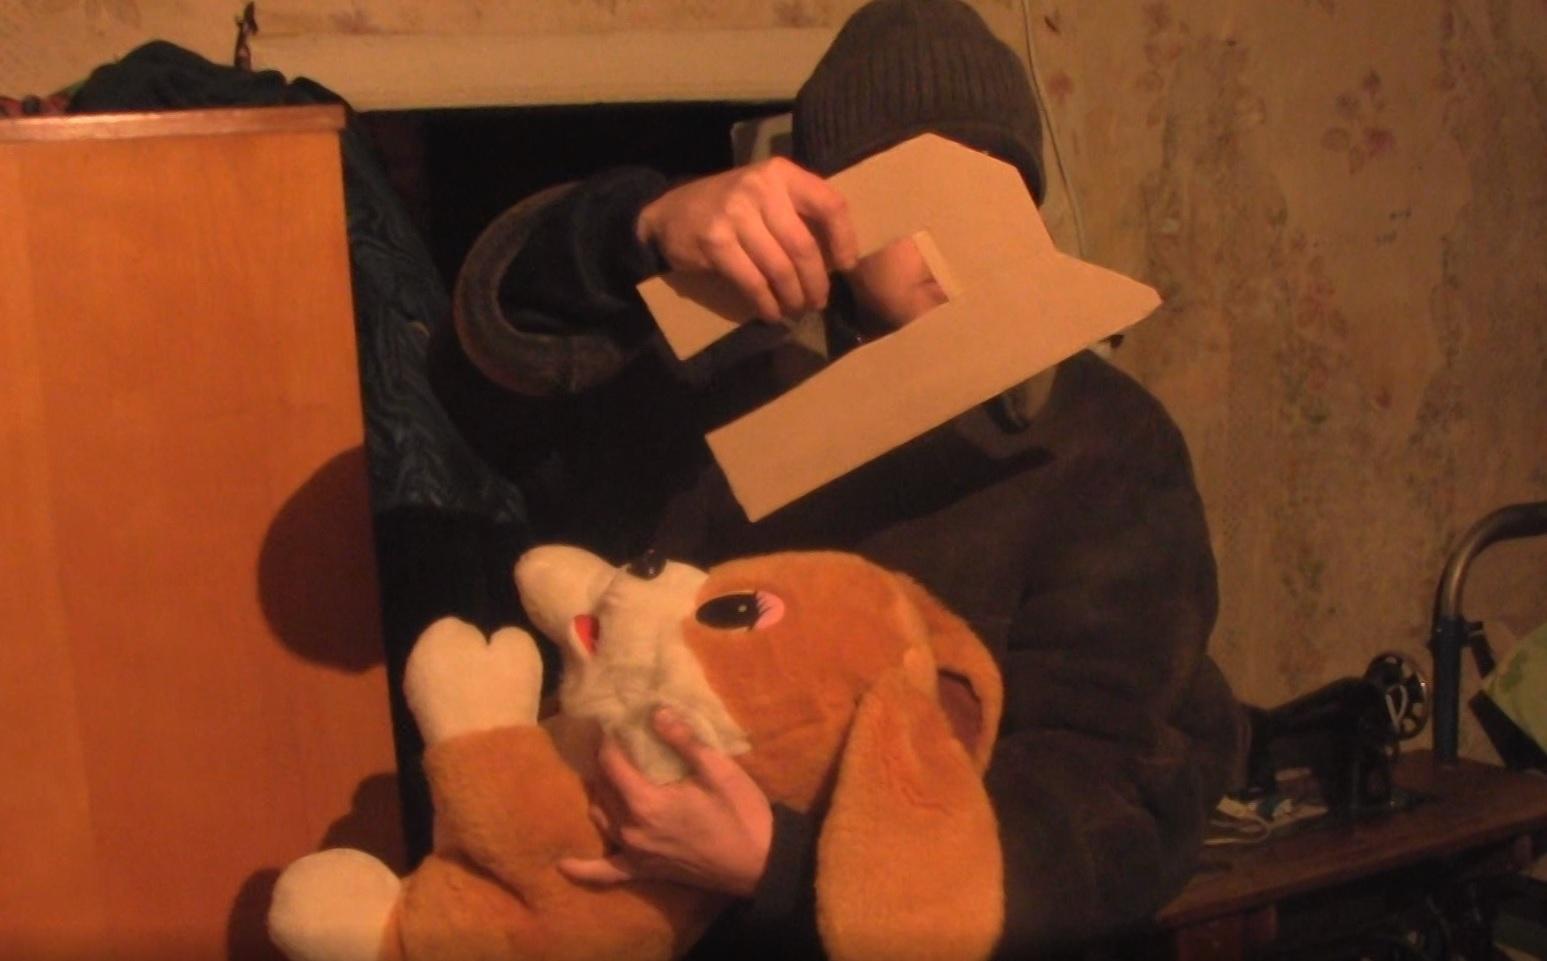 В Самарской области утвердили обвинение семье, убившей 2-месячную дочь